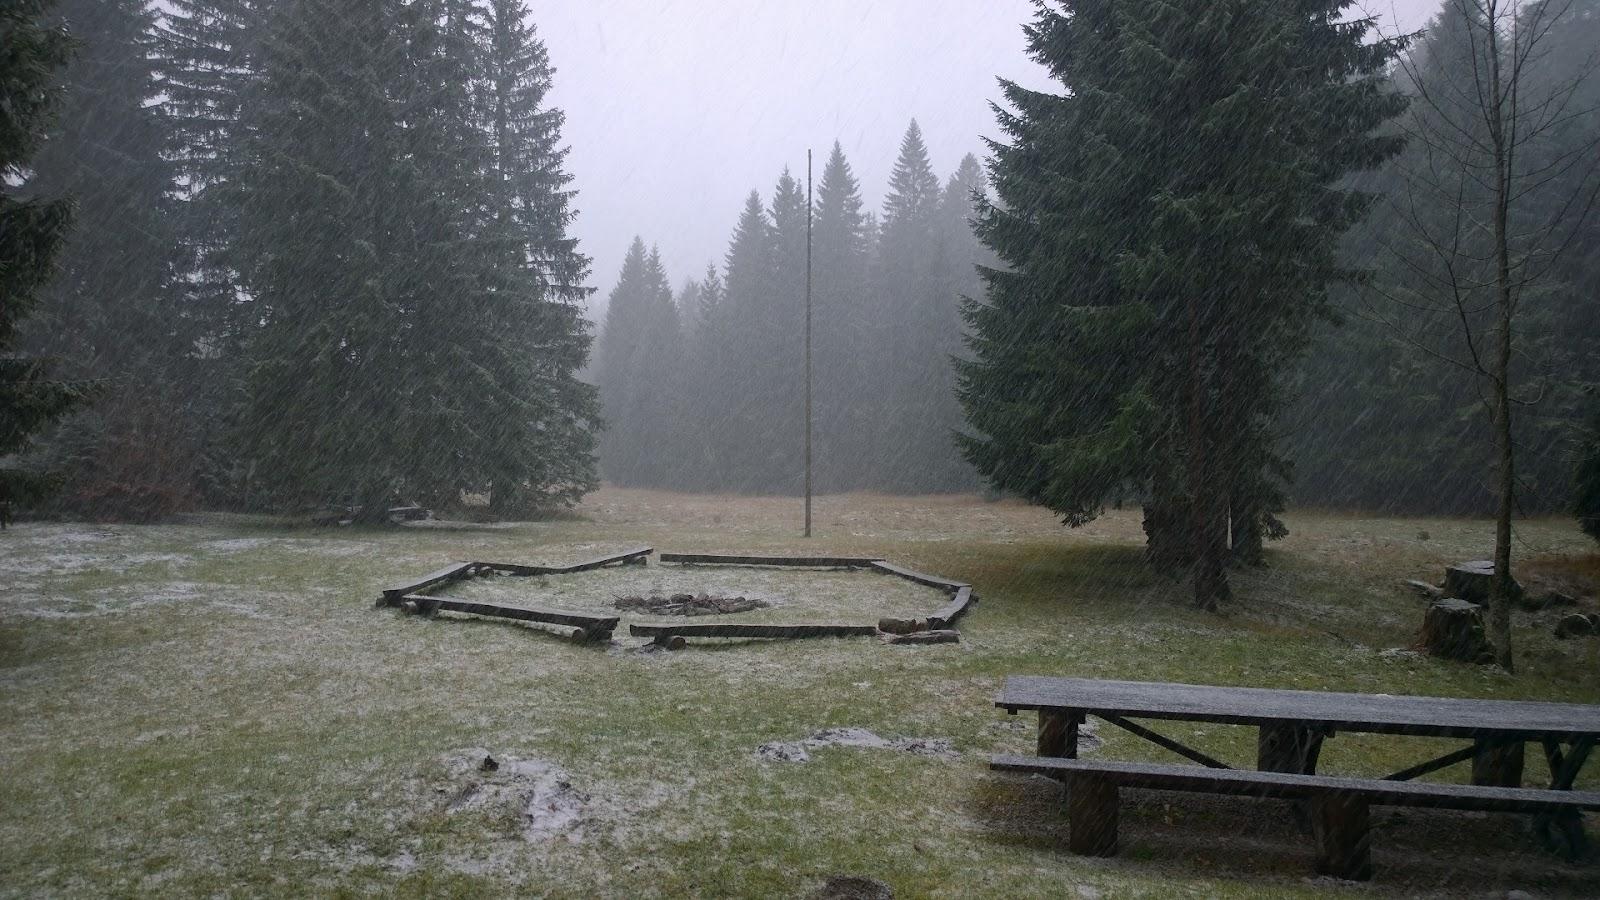 Jesenovanje, Črni dol 2015 - WP_20151121_12_32_28_Pro.jpg